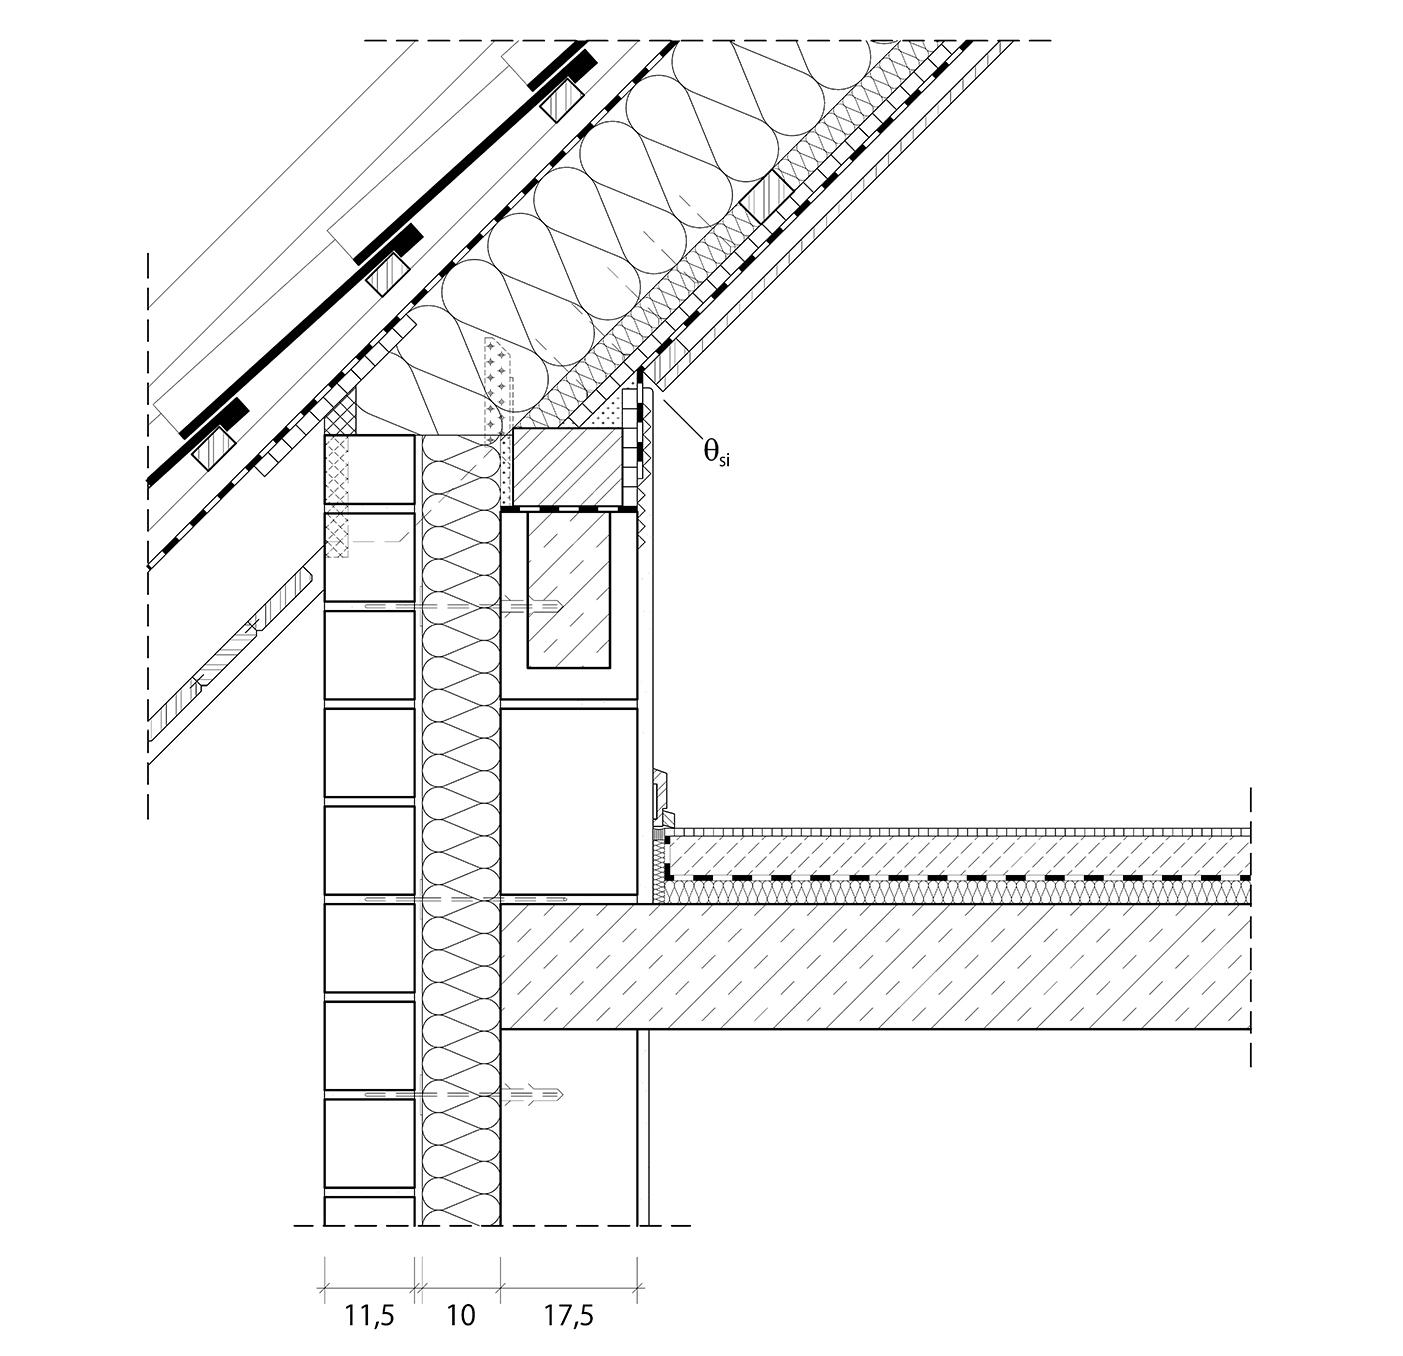 4 5 1 2 anschlusspunkt dach architektenordner. Black Bedroom Furniture Sets. Home Design Ideas